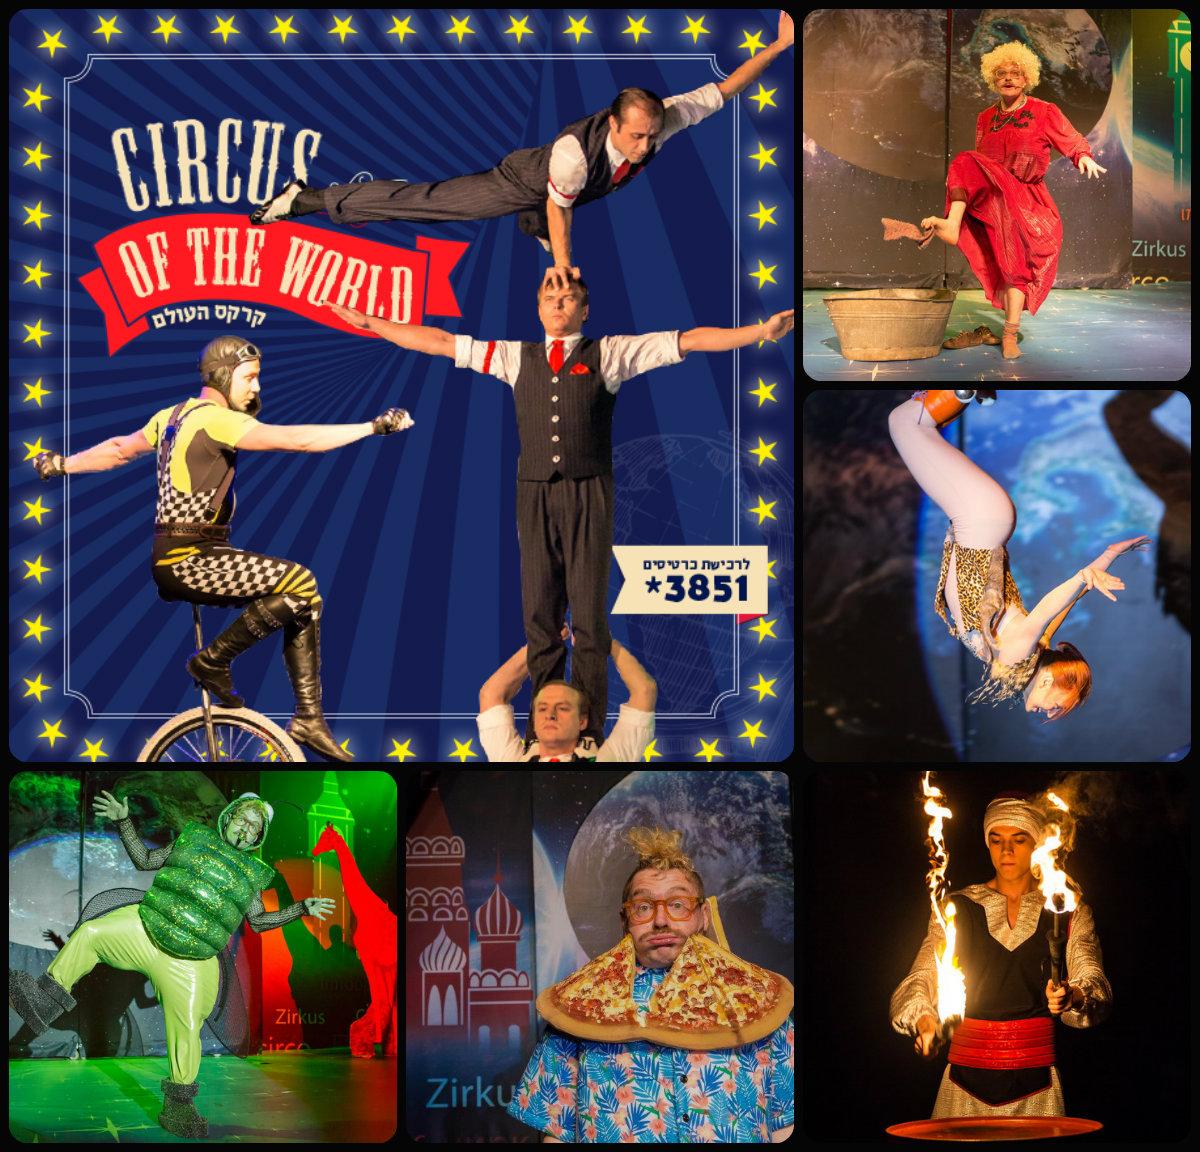 Цирк «Флорентин» представляет новое экстремальное шоу Circus of the World!!!